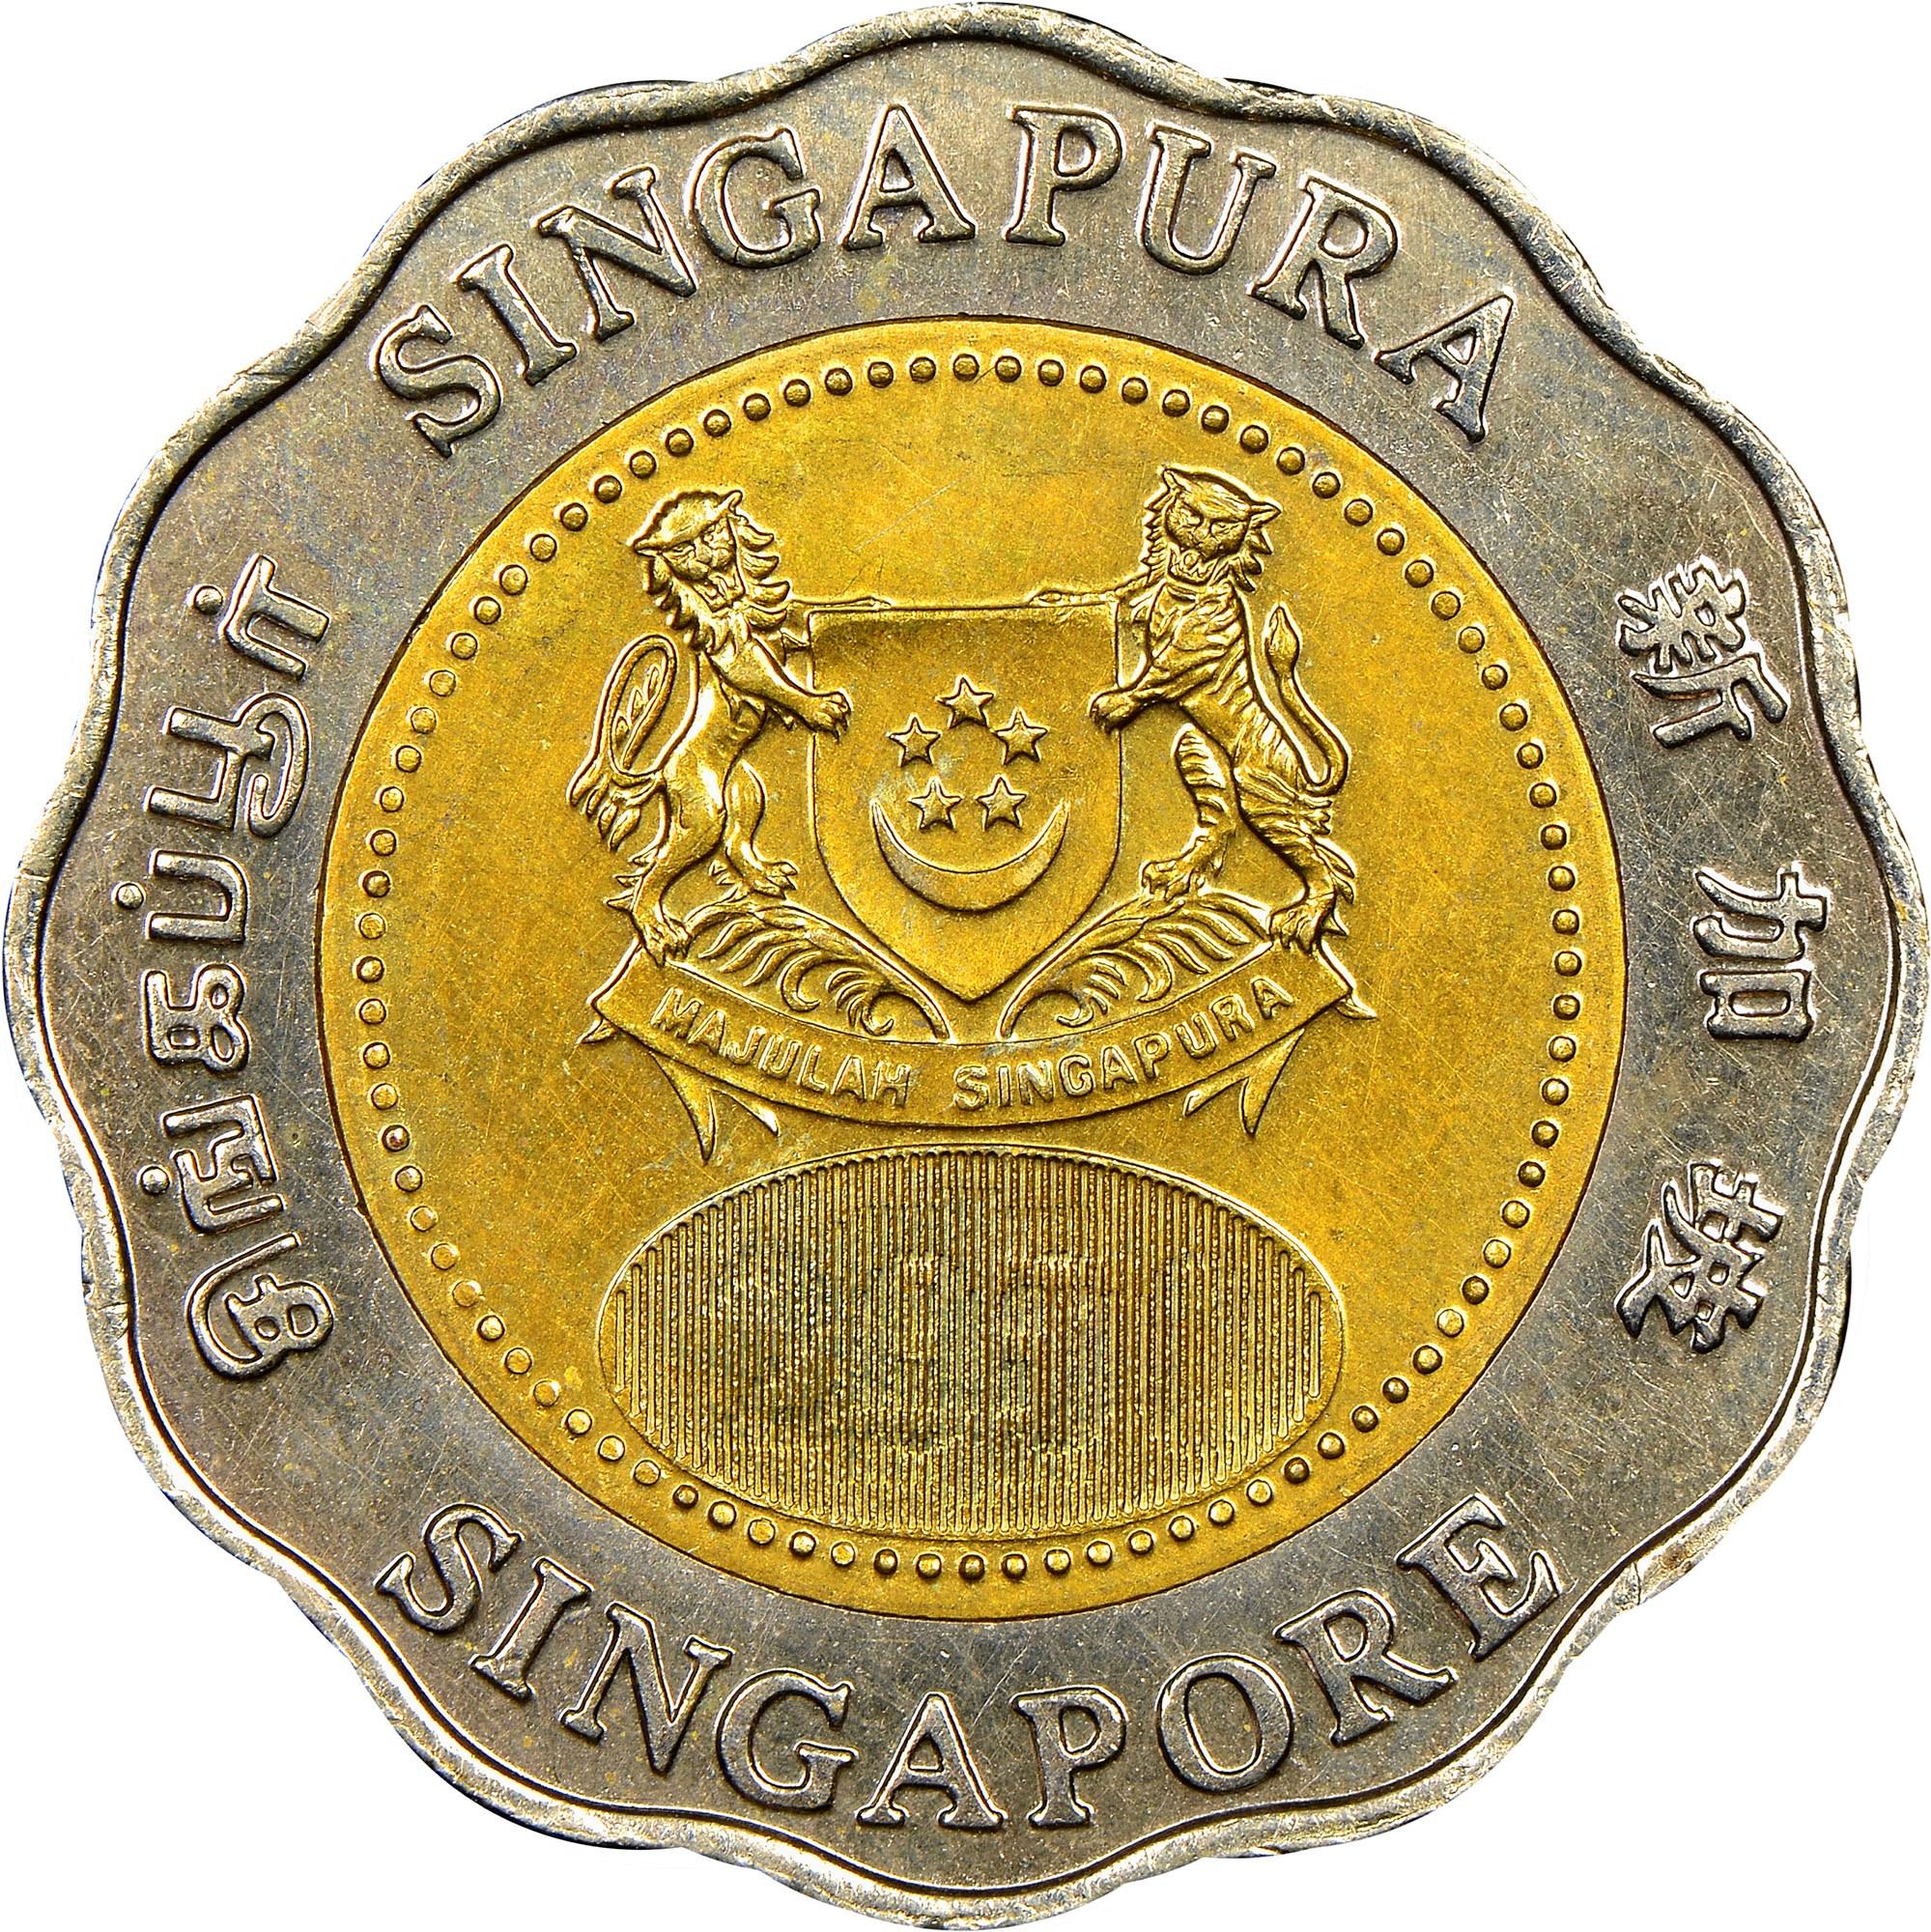 Singapore 5 Dollars obverse